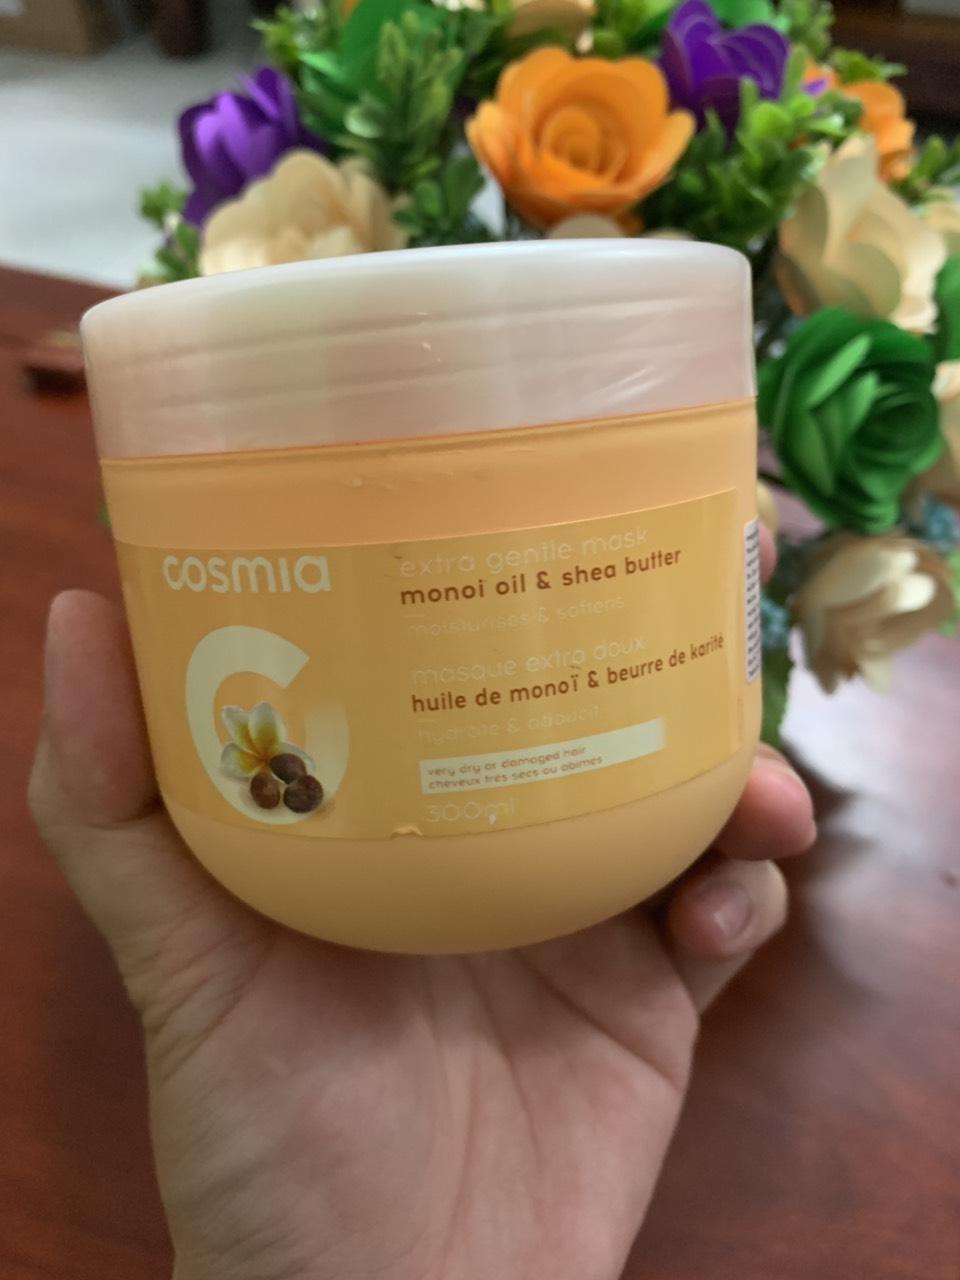 Kem ủ tóc Cómia tinh dầu monoi và hạt bơ